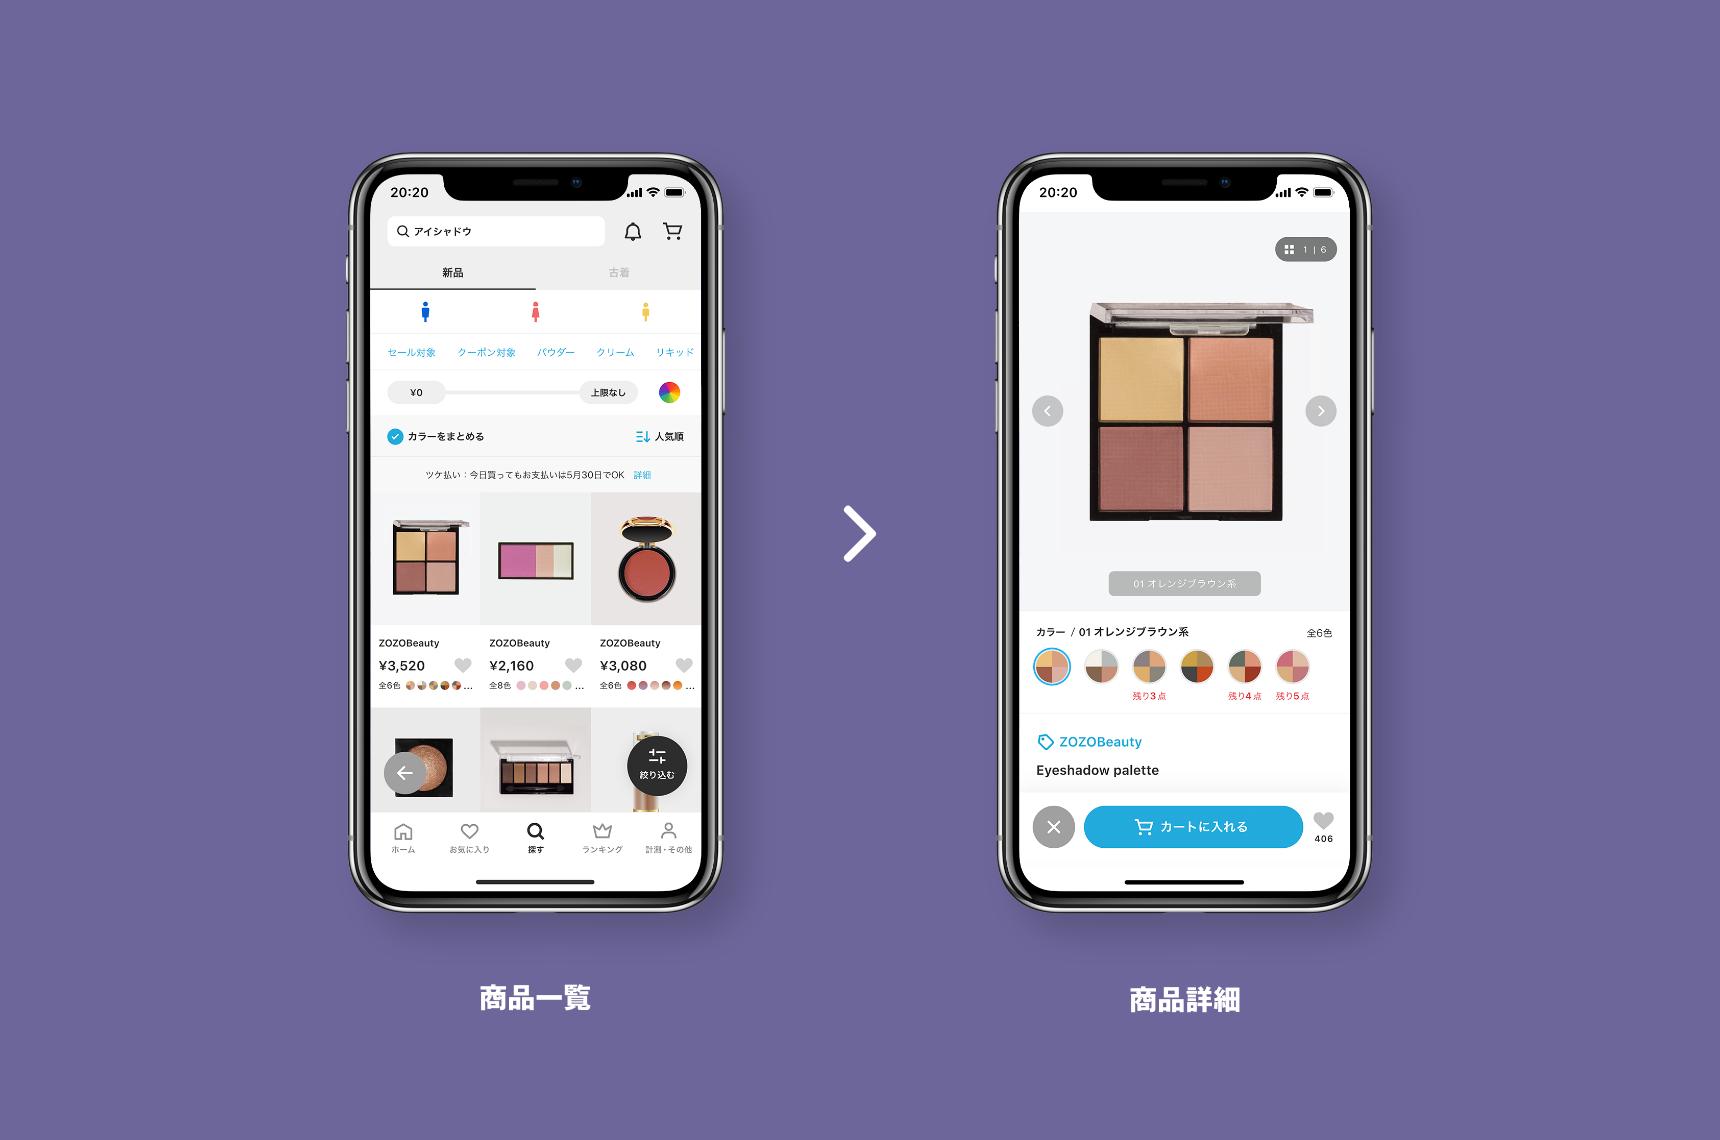 ZOZOCOSMEでは、含まれている色が一目で分かるように各商品画像下に色展開を表示